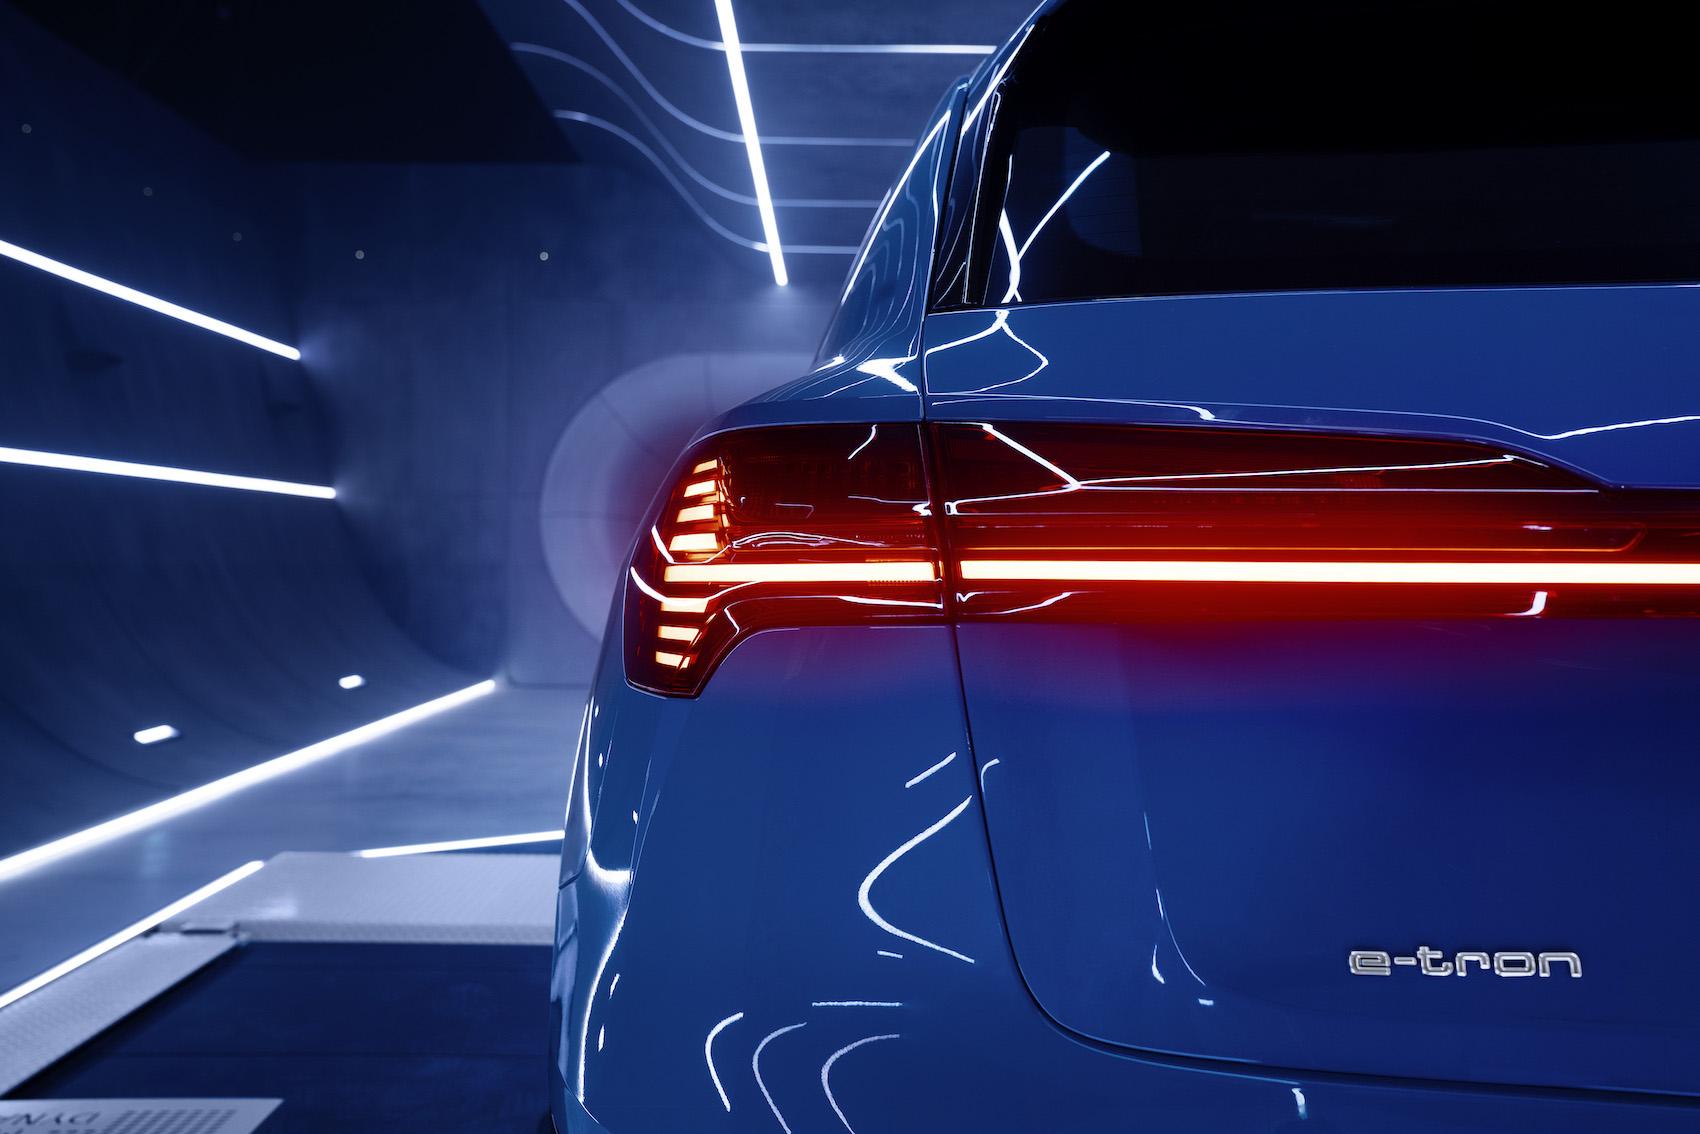 In frenata l'Audi e-tron può recuperare oltre il 70% della potenza motrice, un valore che nessun altro modello di serie è in grado di eguagliare.